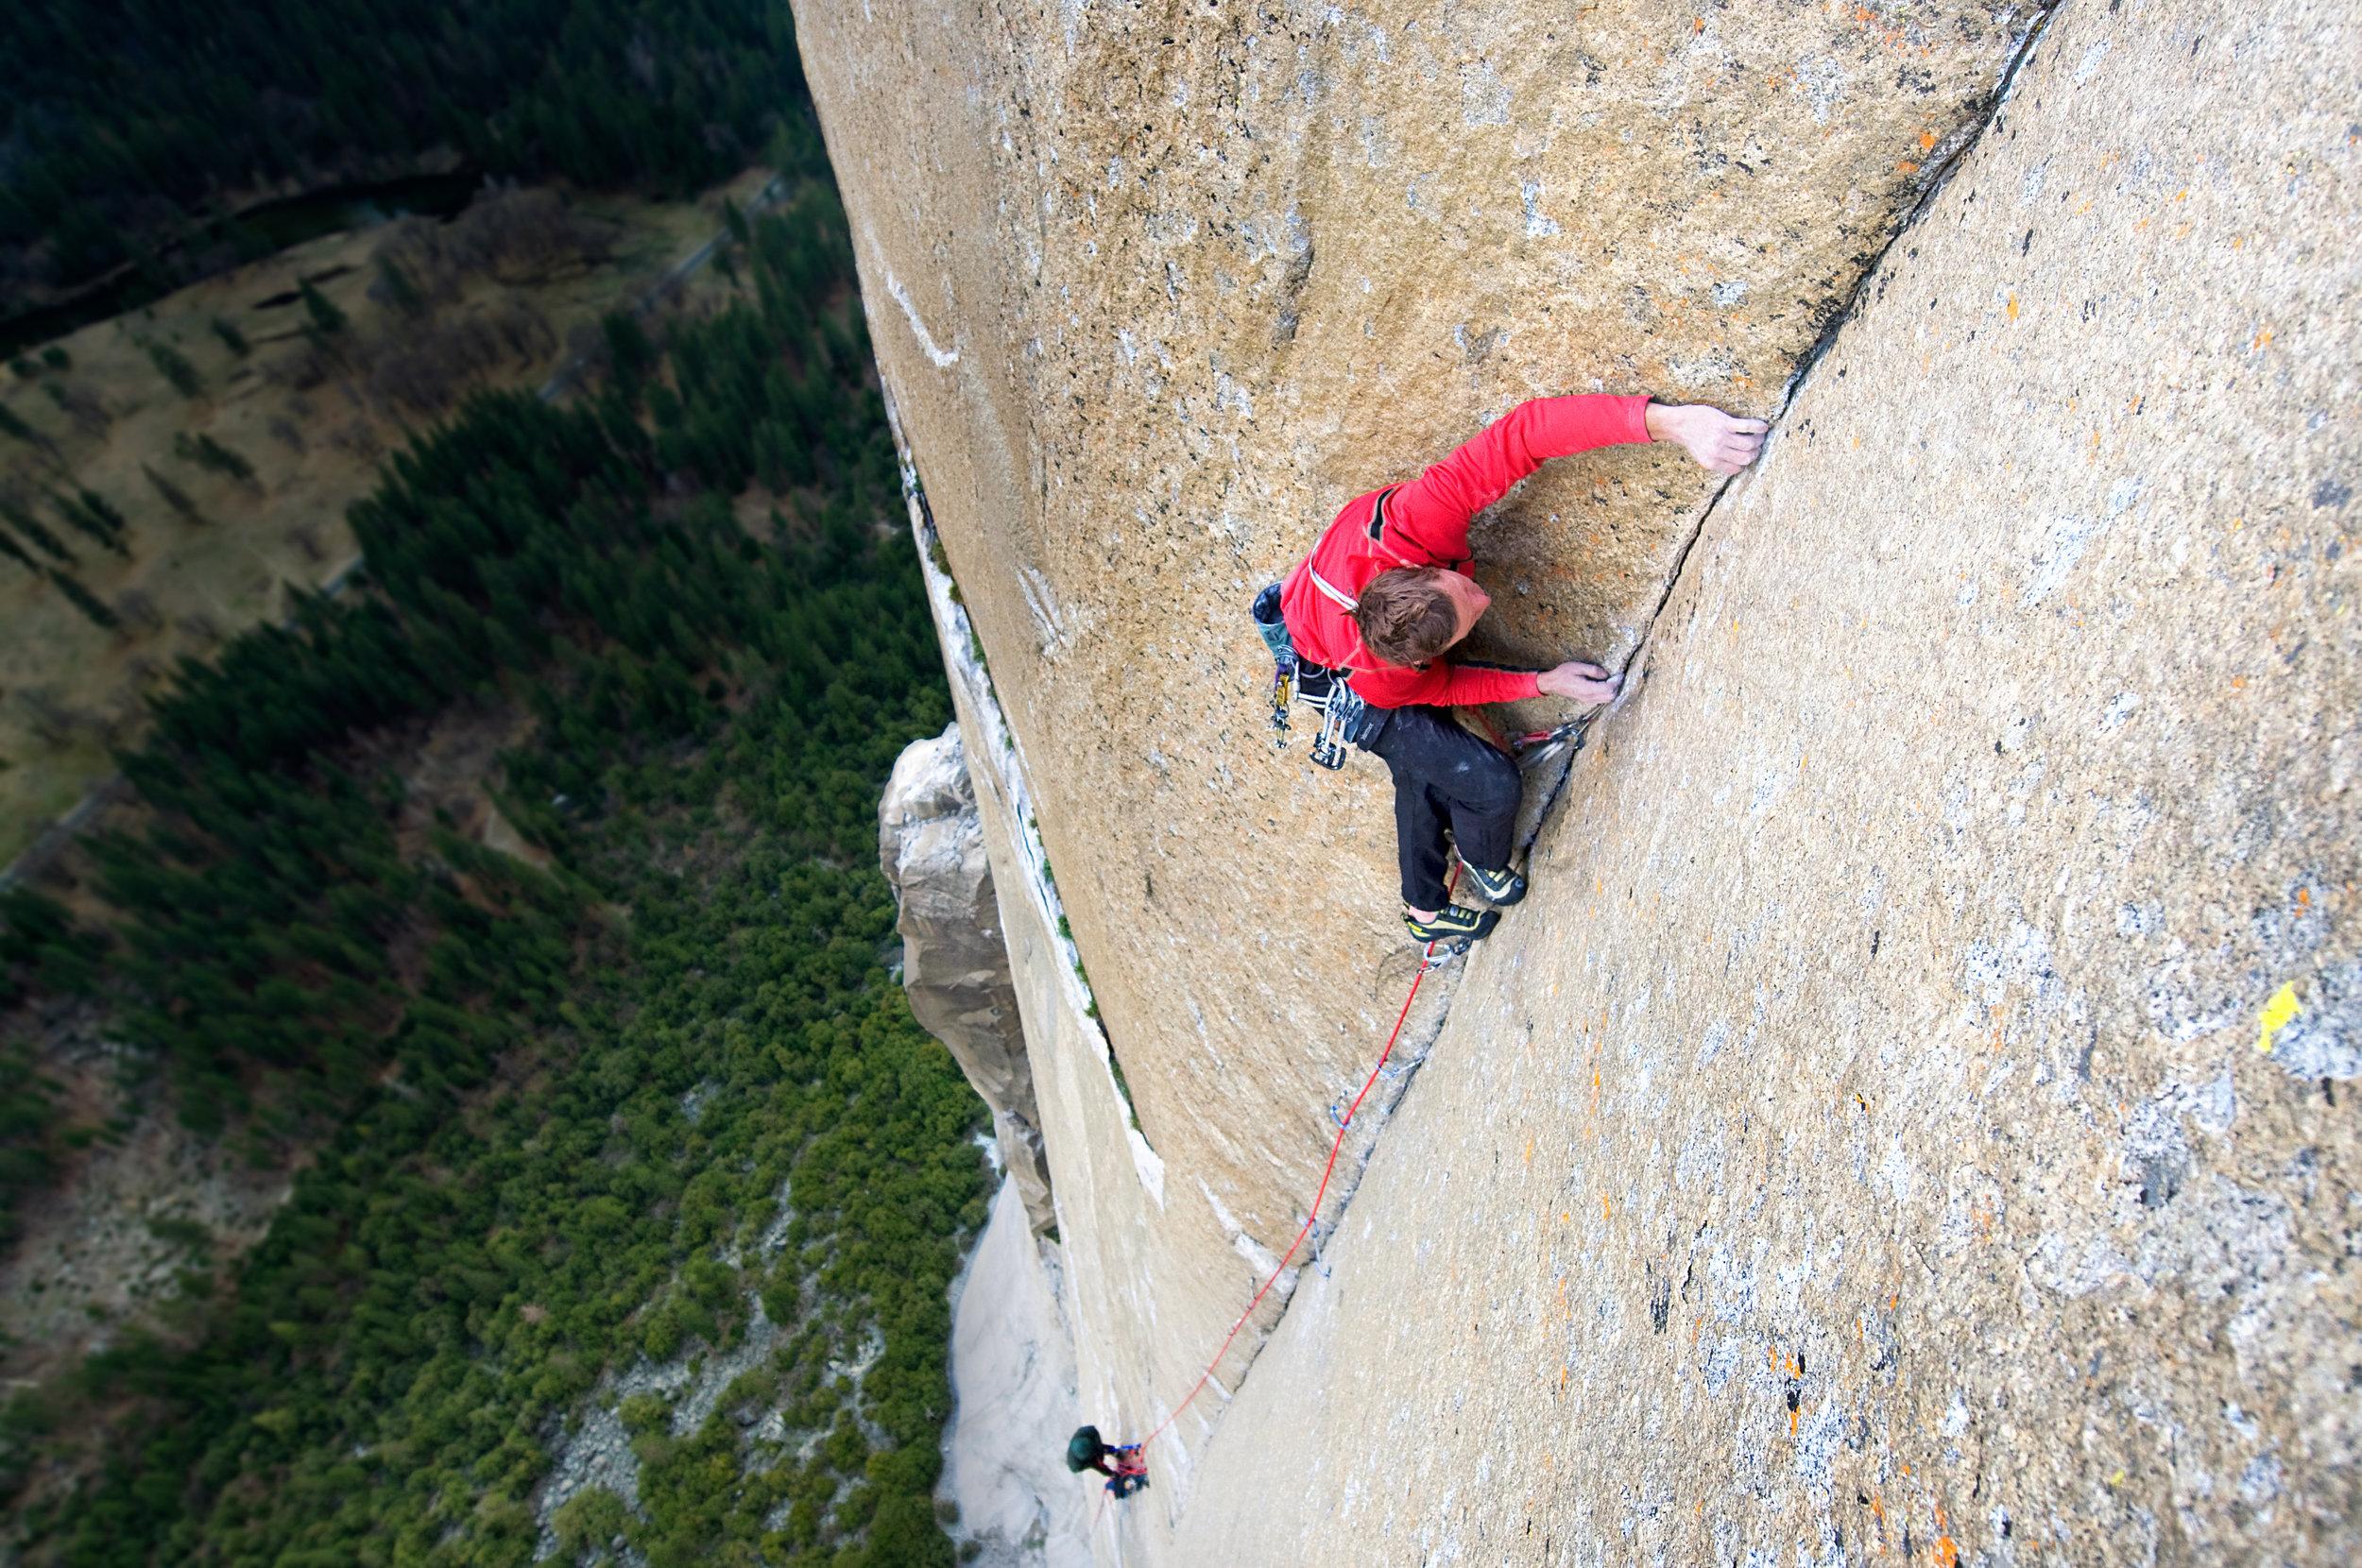 Tommy Caldwell — Dawn Wall, El Capitan, Yosemite, California